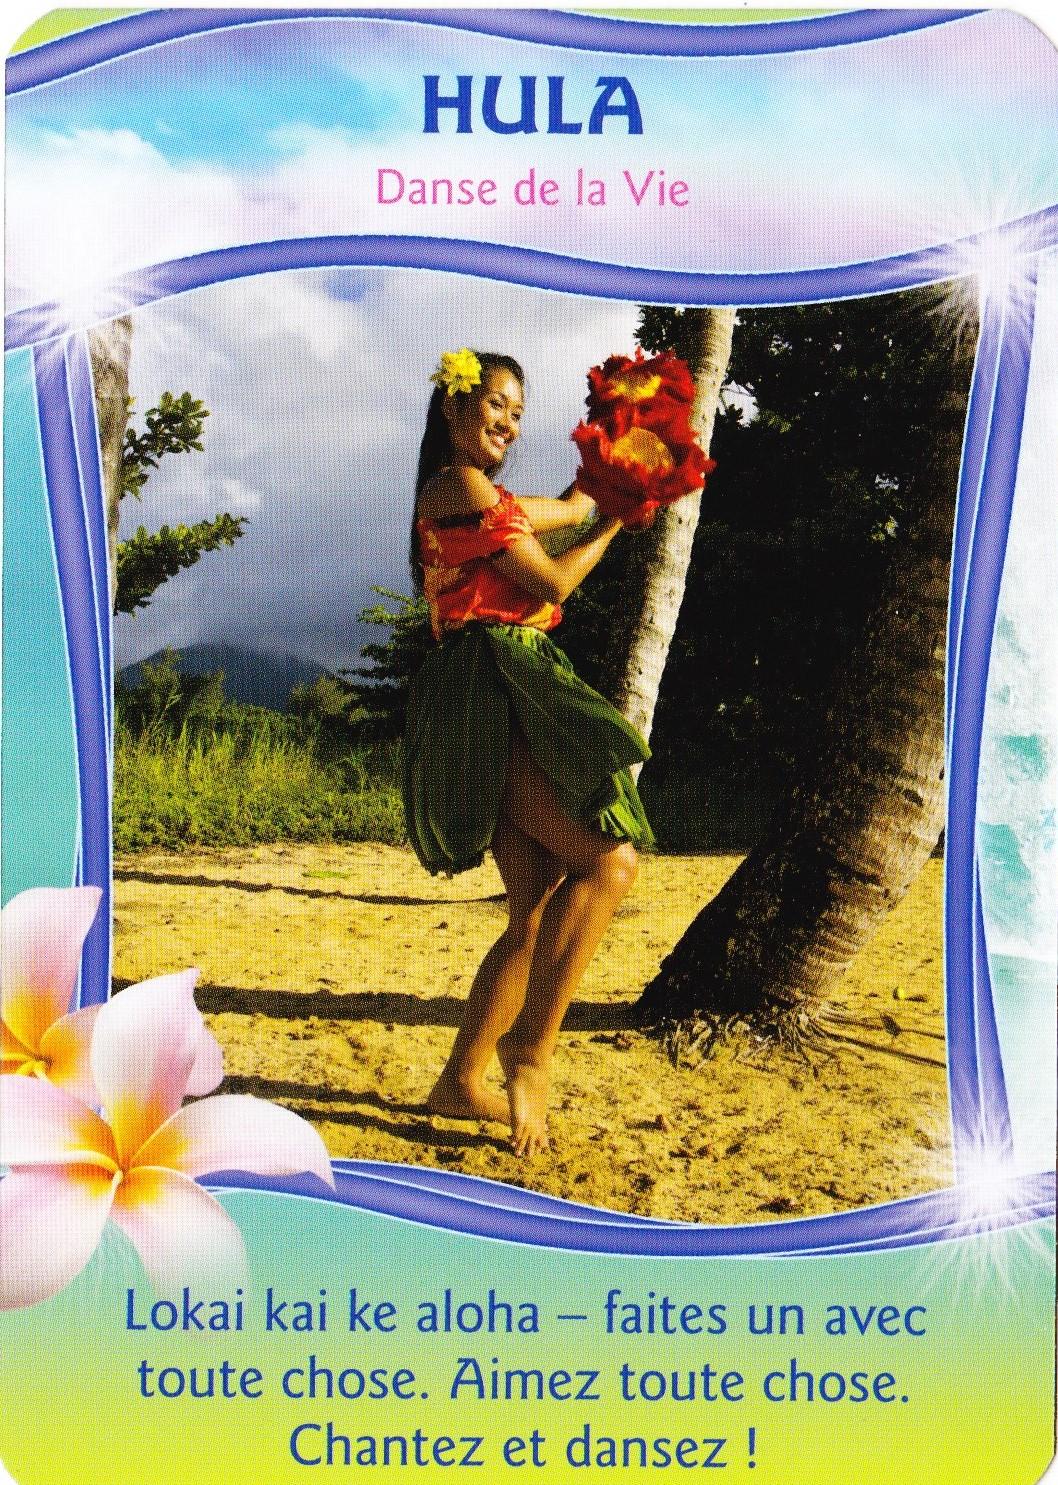 Hula - Cartes Aloha - A la Source du Chamanisme Hawaîen - Jeanne Ruland